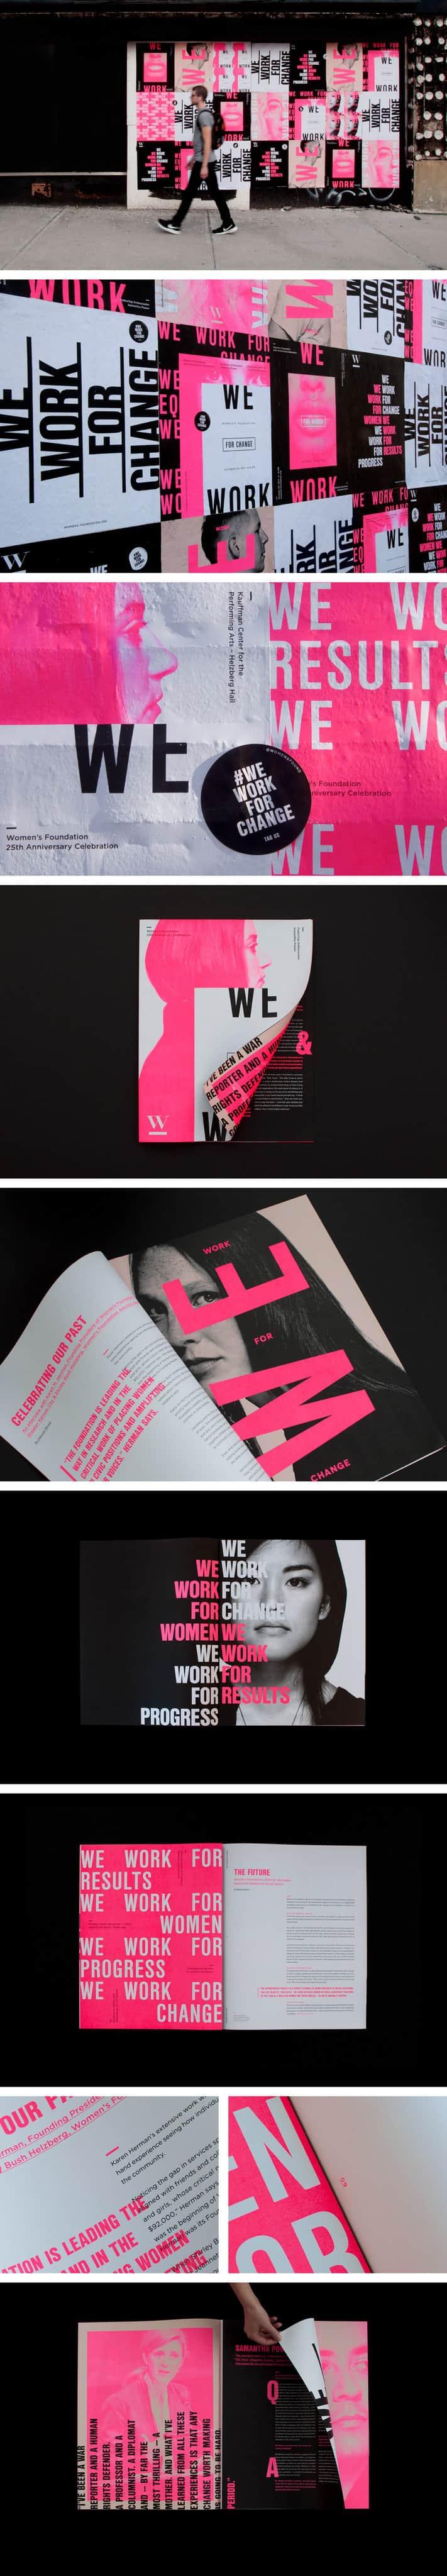 Women's Foundation 25th Anniversay Campaign